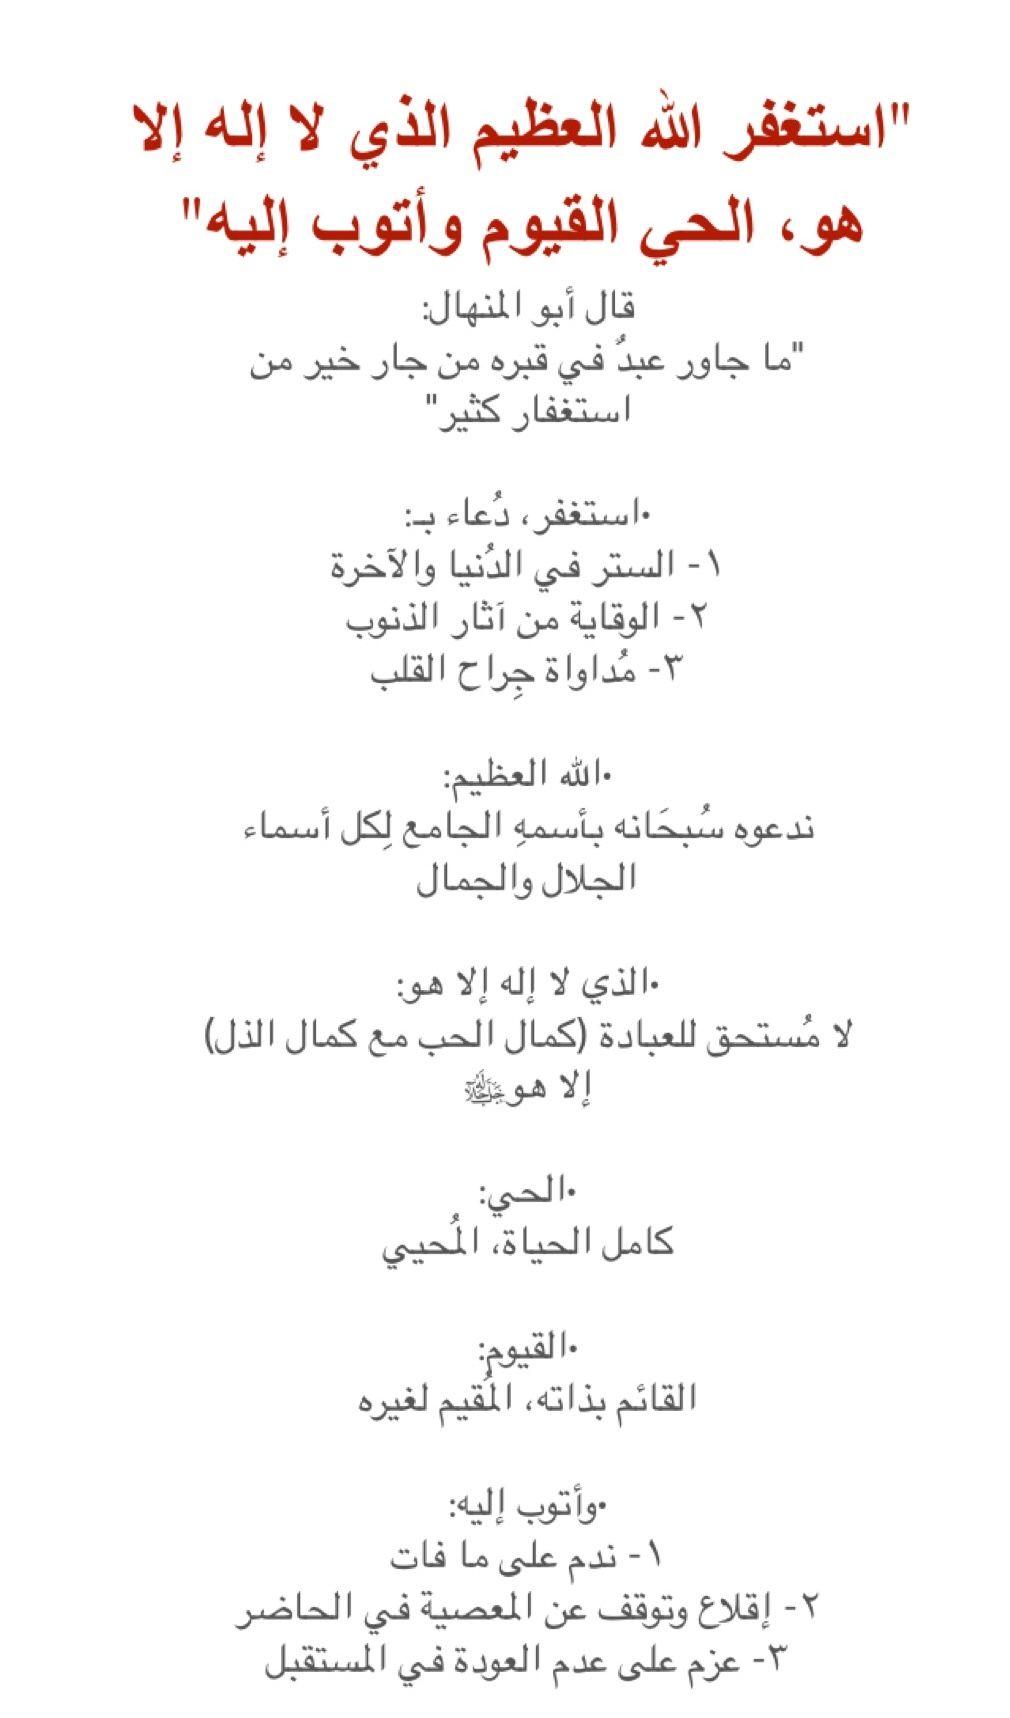 الاستغفار Arabic Quotes Islamic Art Ablis